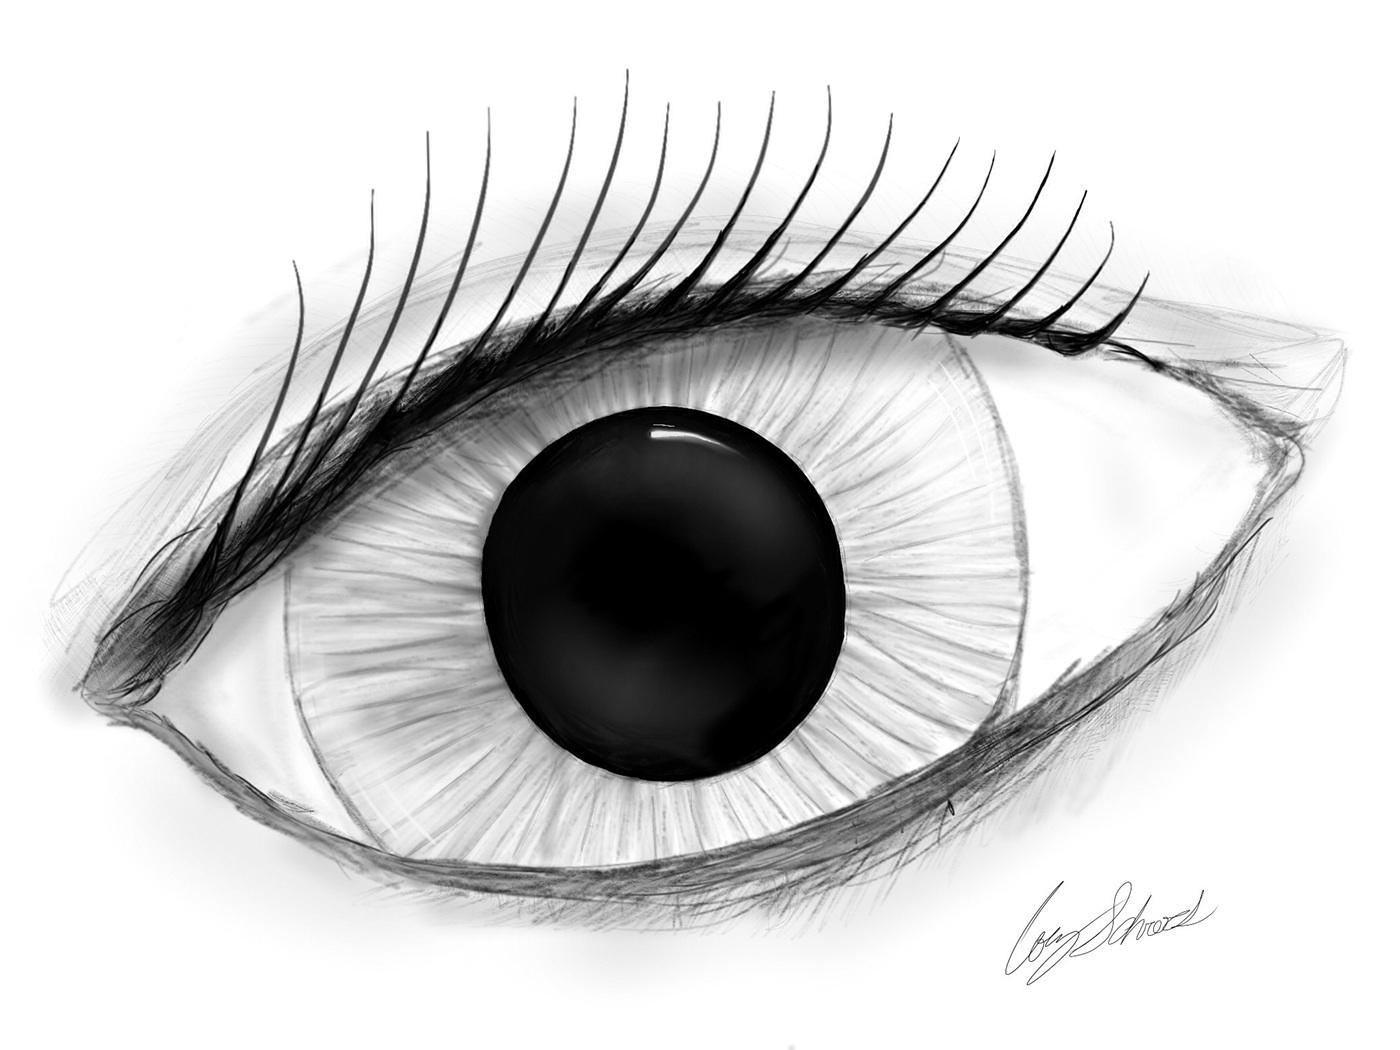 優秀的24個手繪眼睛欣賞